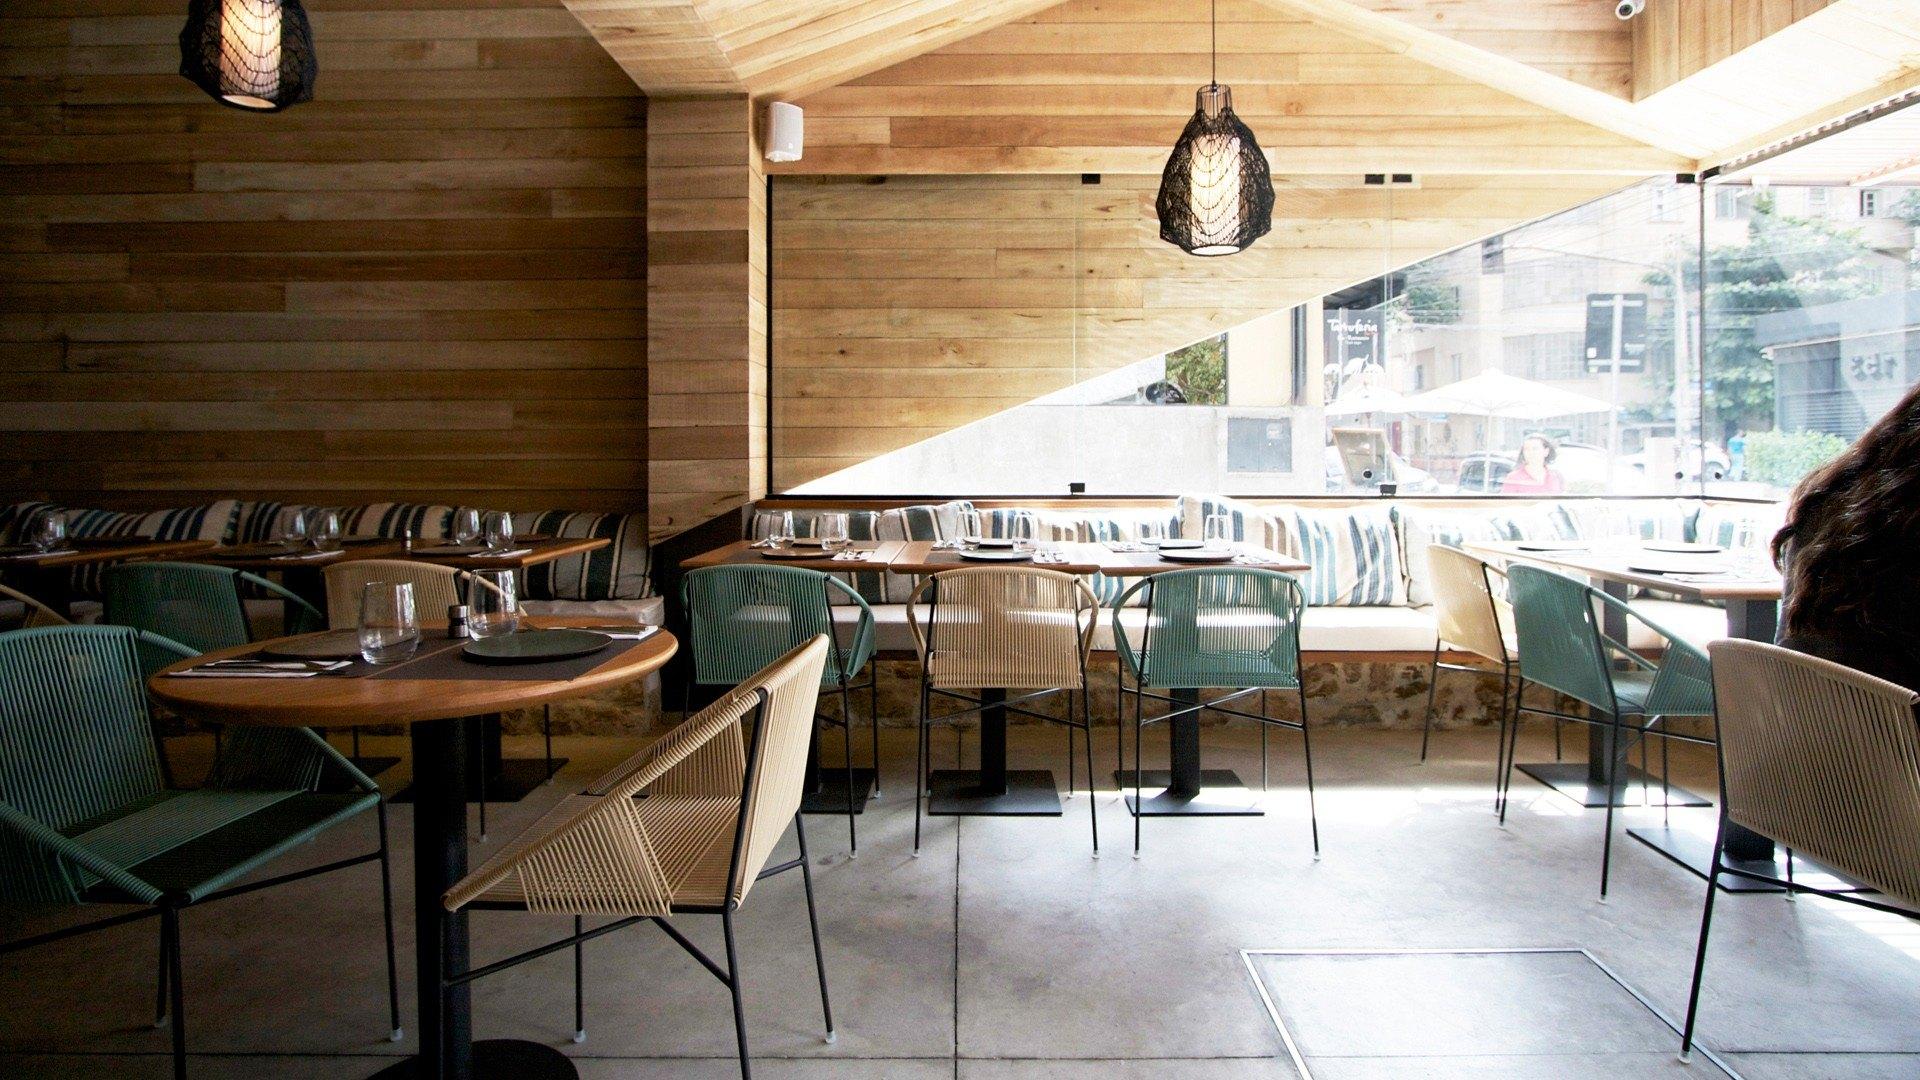 4.restaurante-tanit-interna-diurna-2